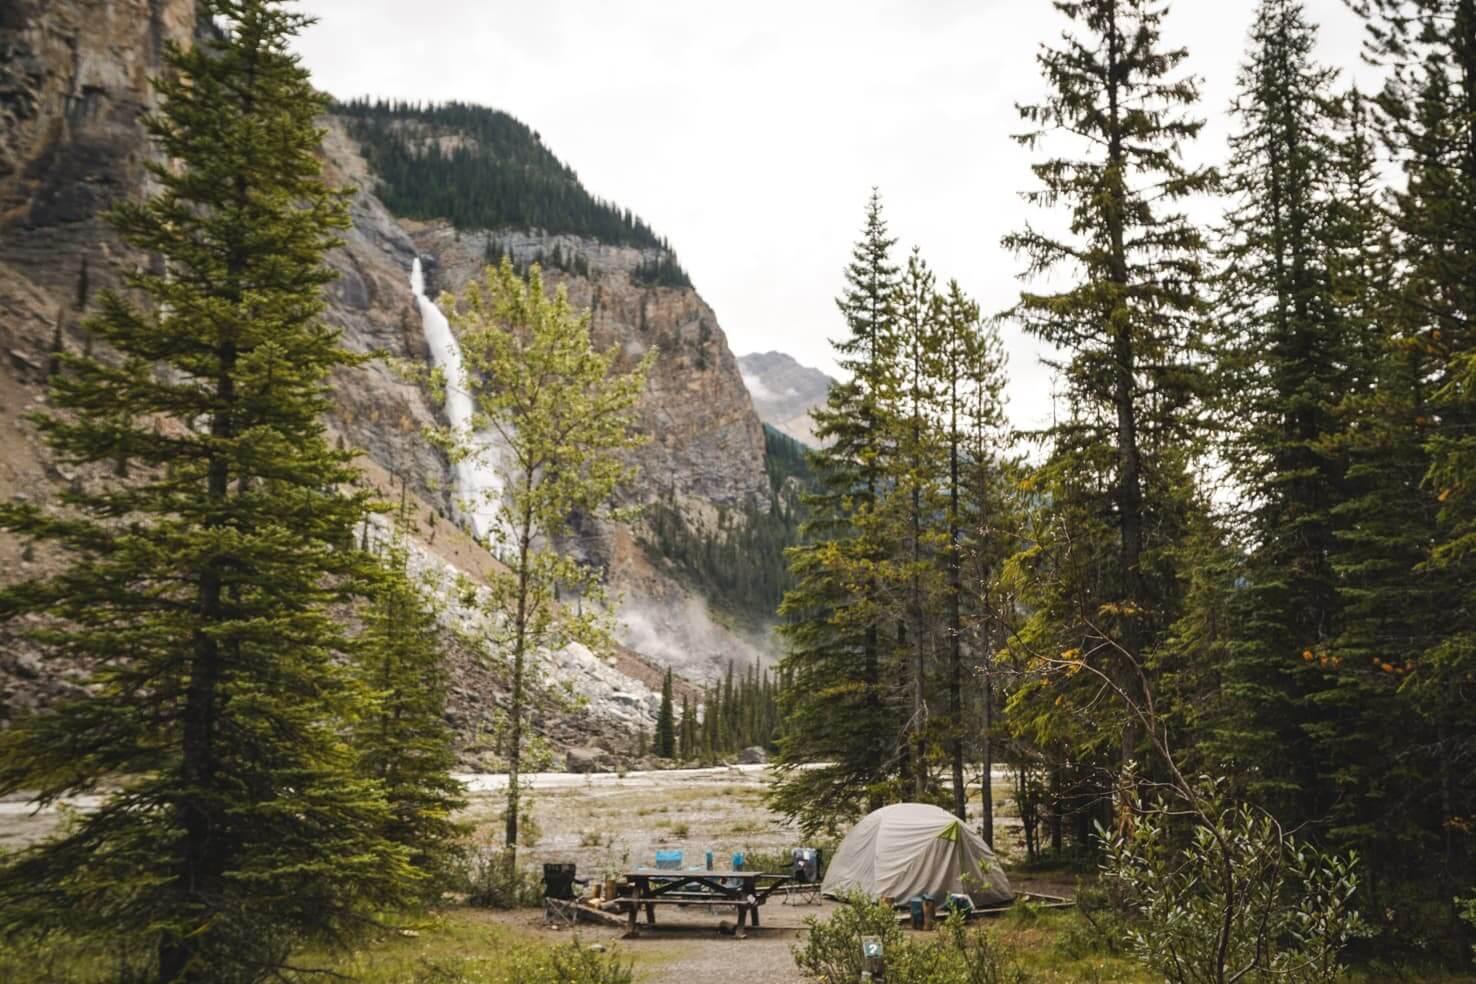 Camping in Yoho National Park - Takakkaw Falls